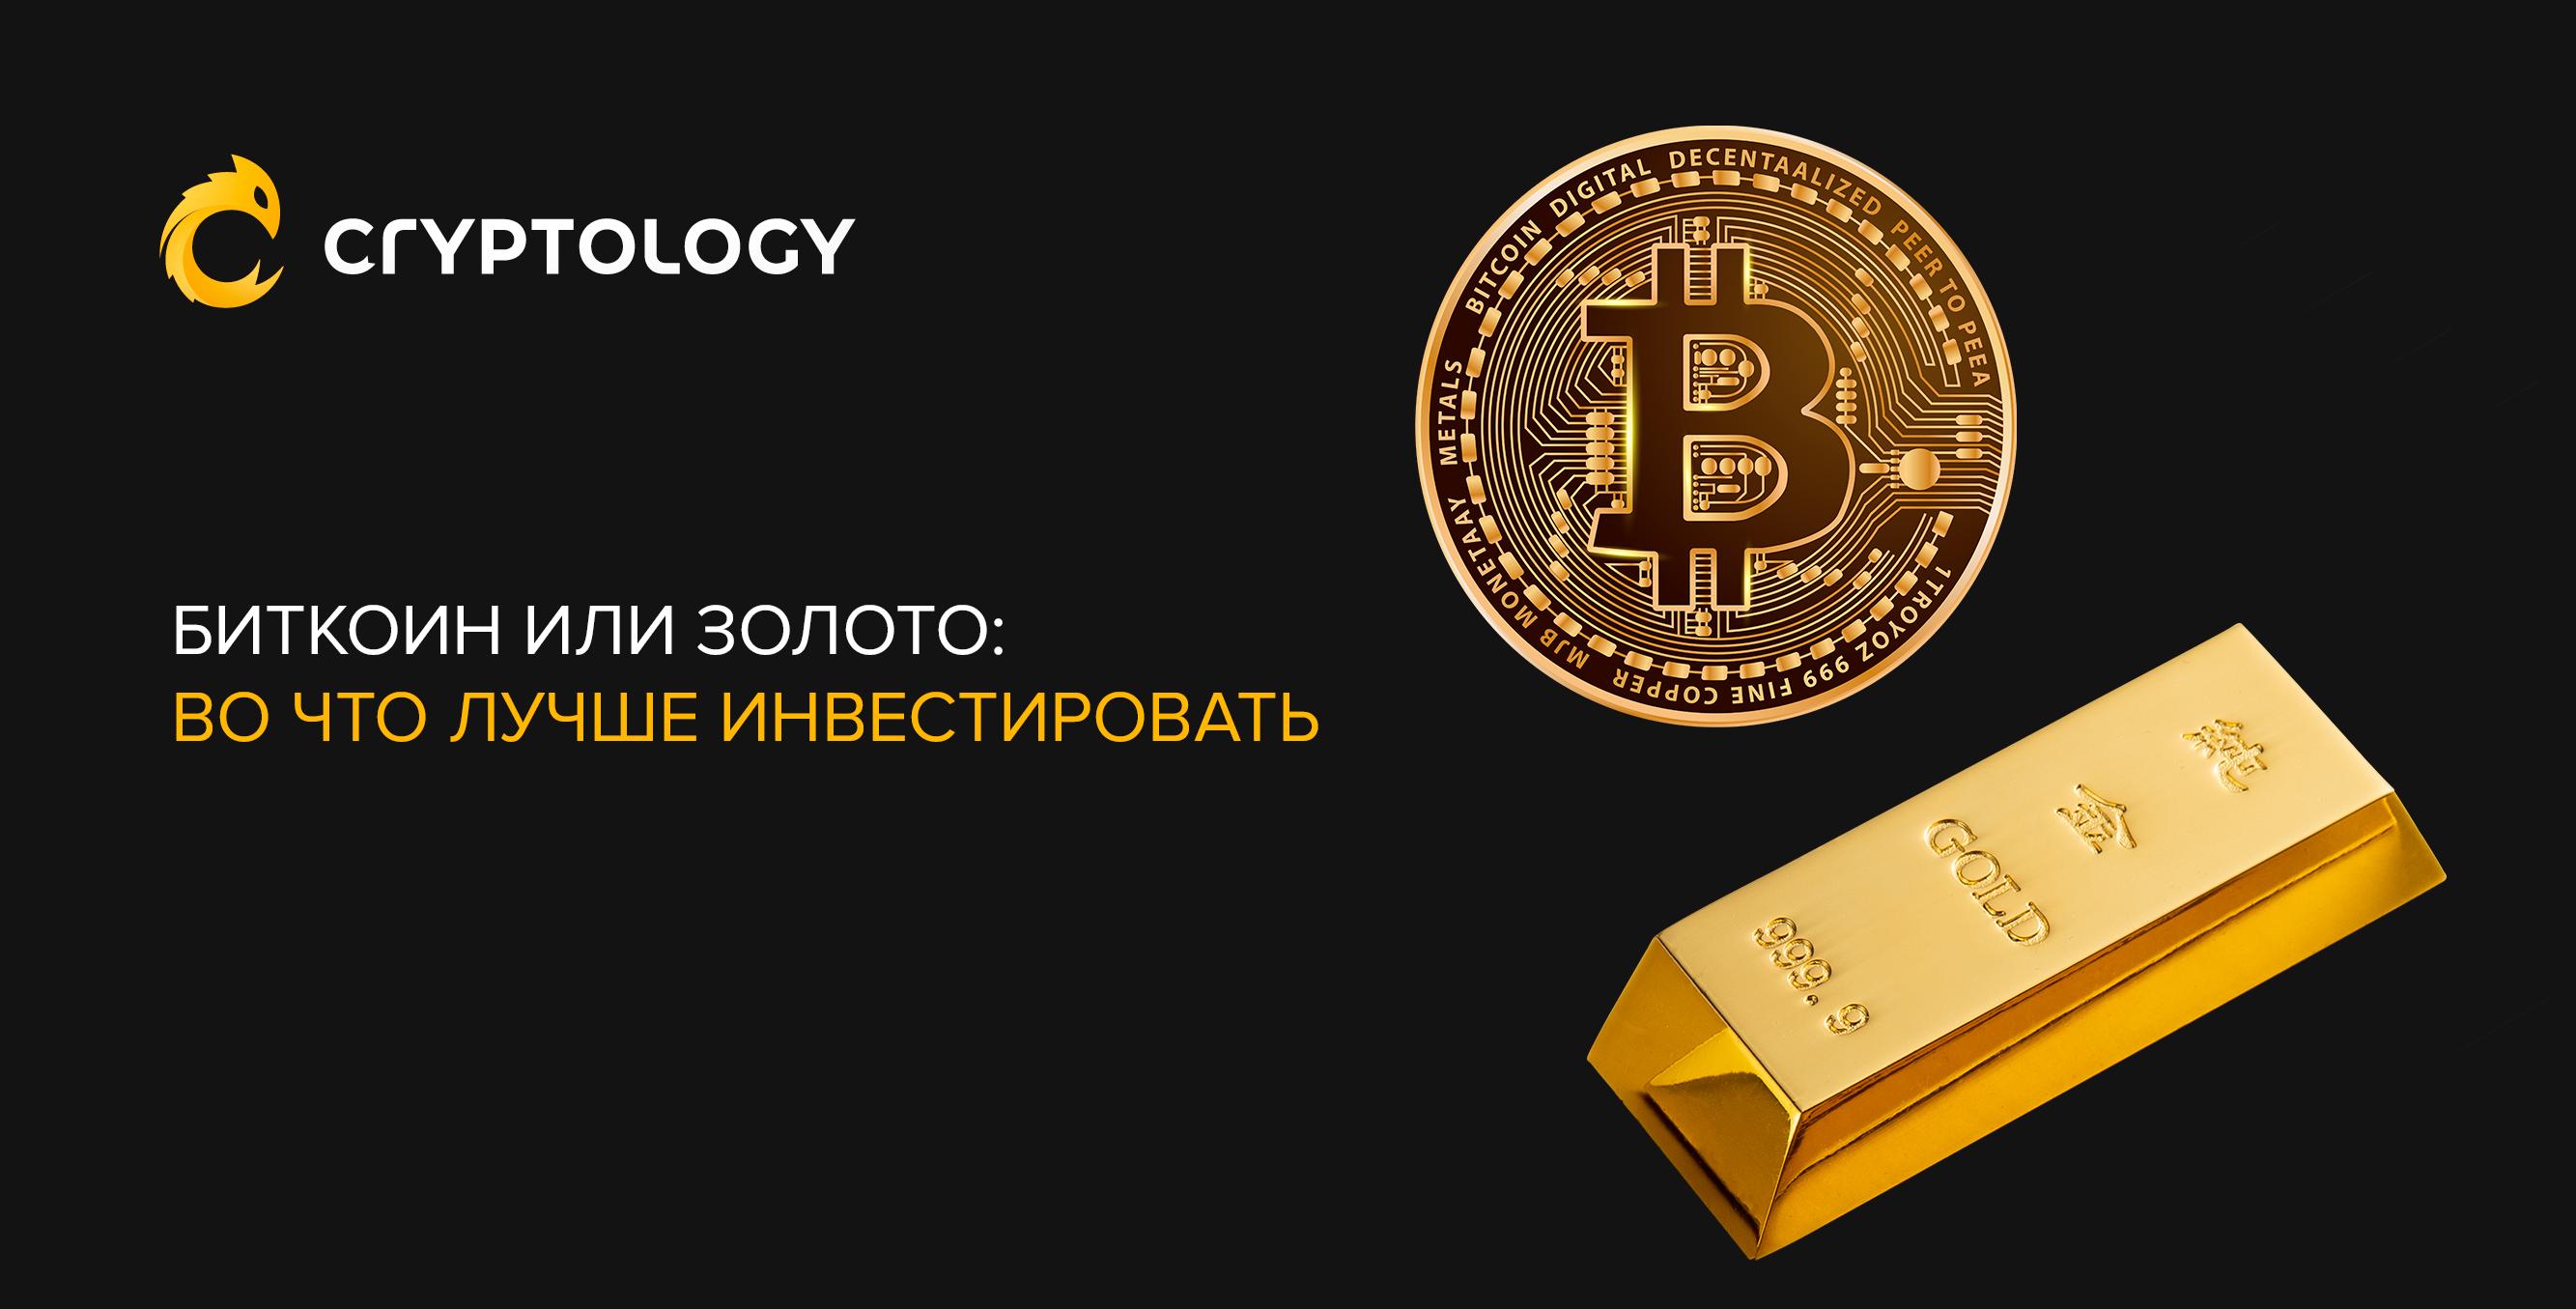 биткоин или золото